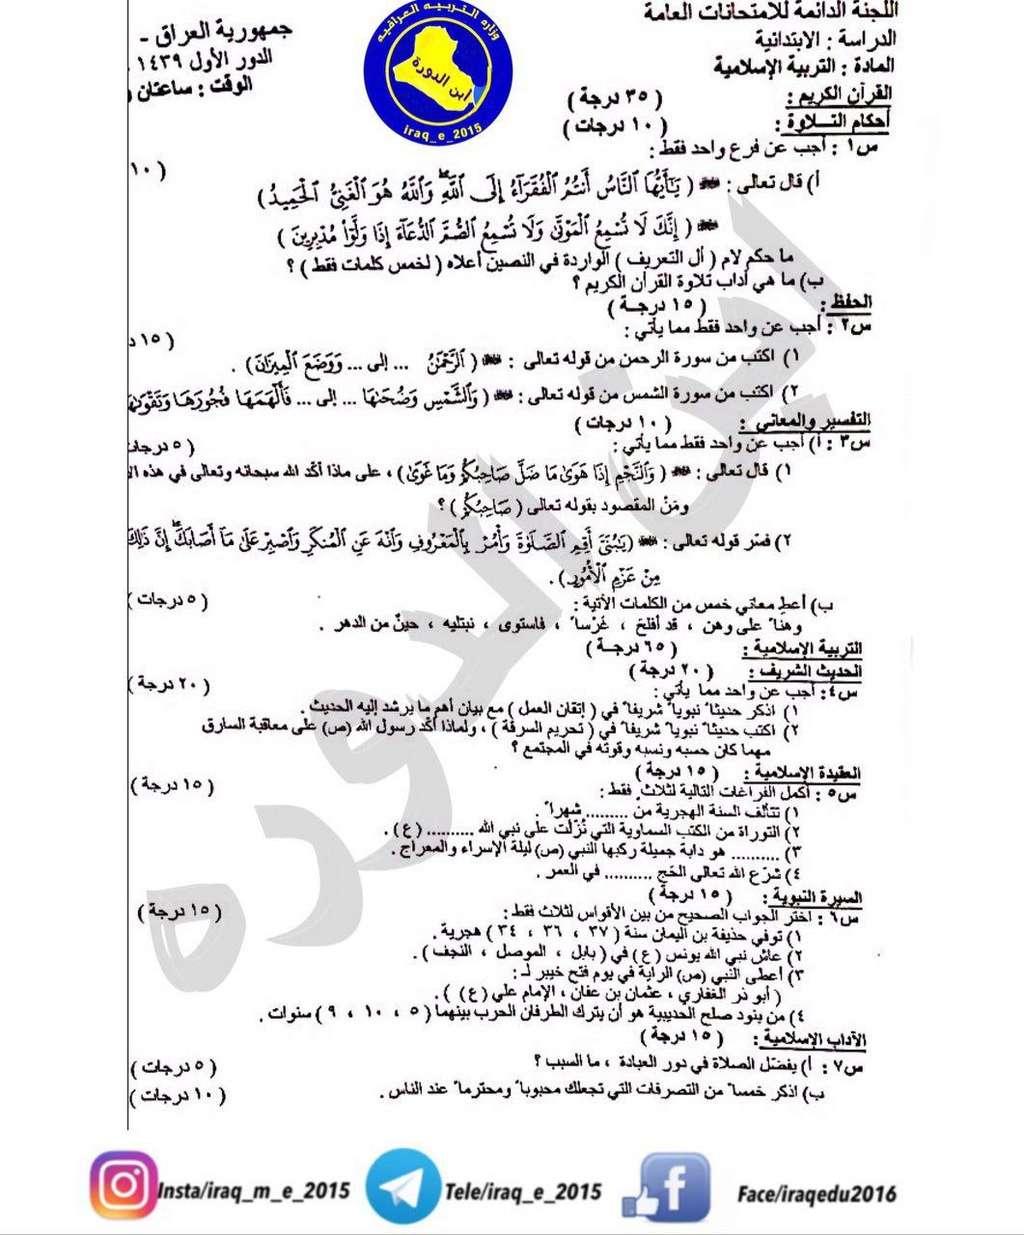 اسئلة مادة الاسلامية الصف السادس الابتدائي / الدور الاول 2018 Dv10